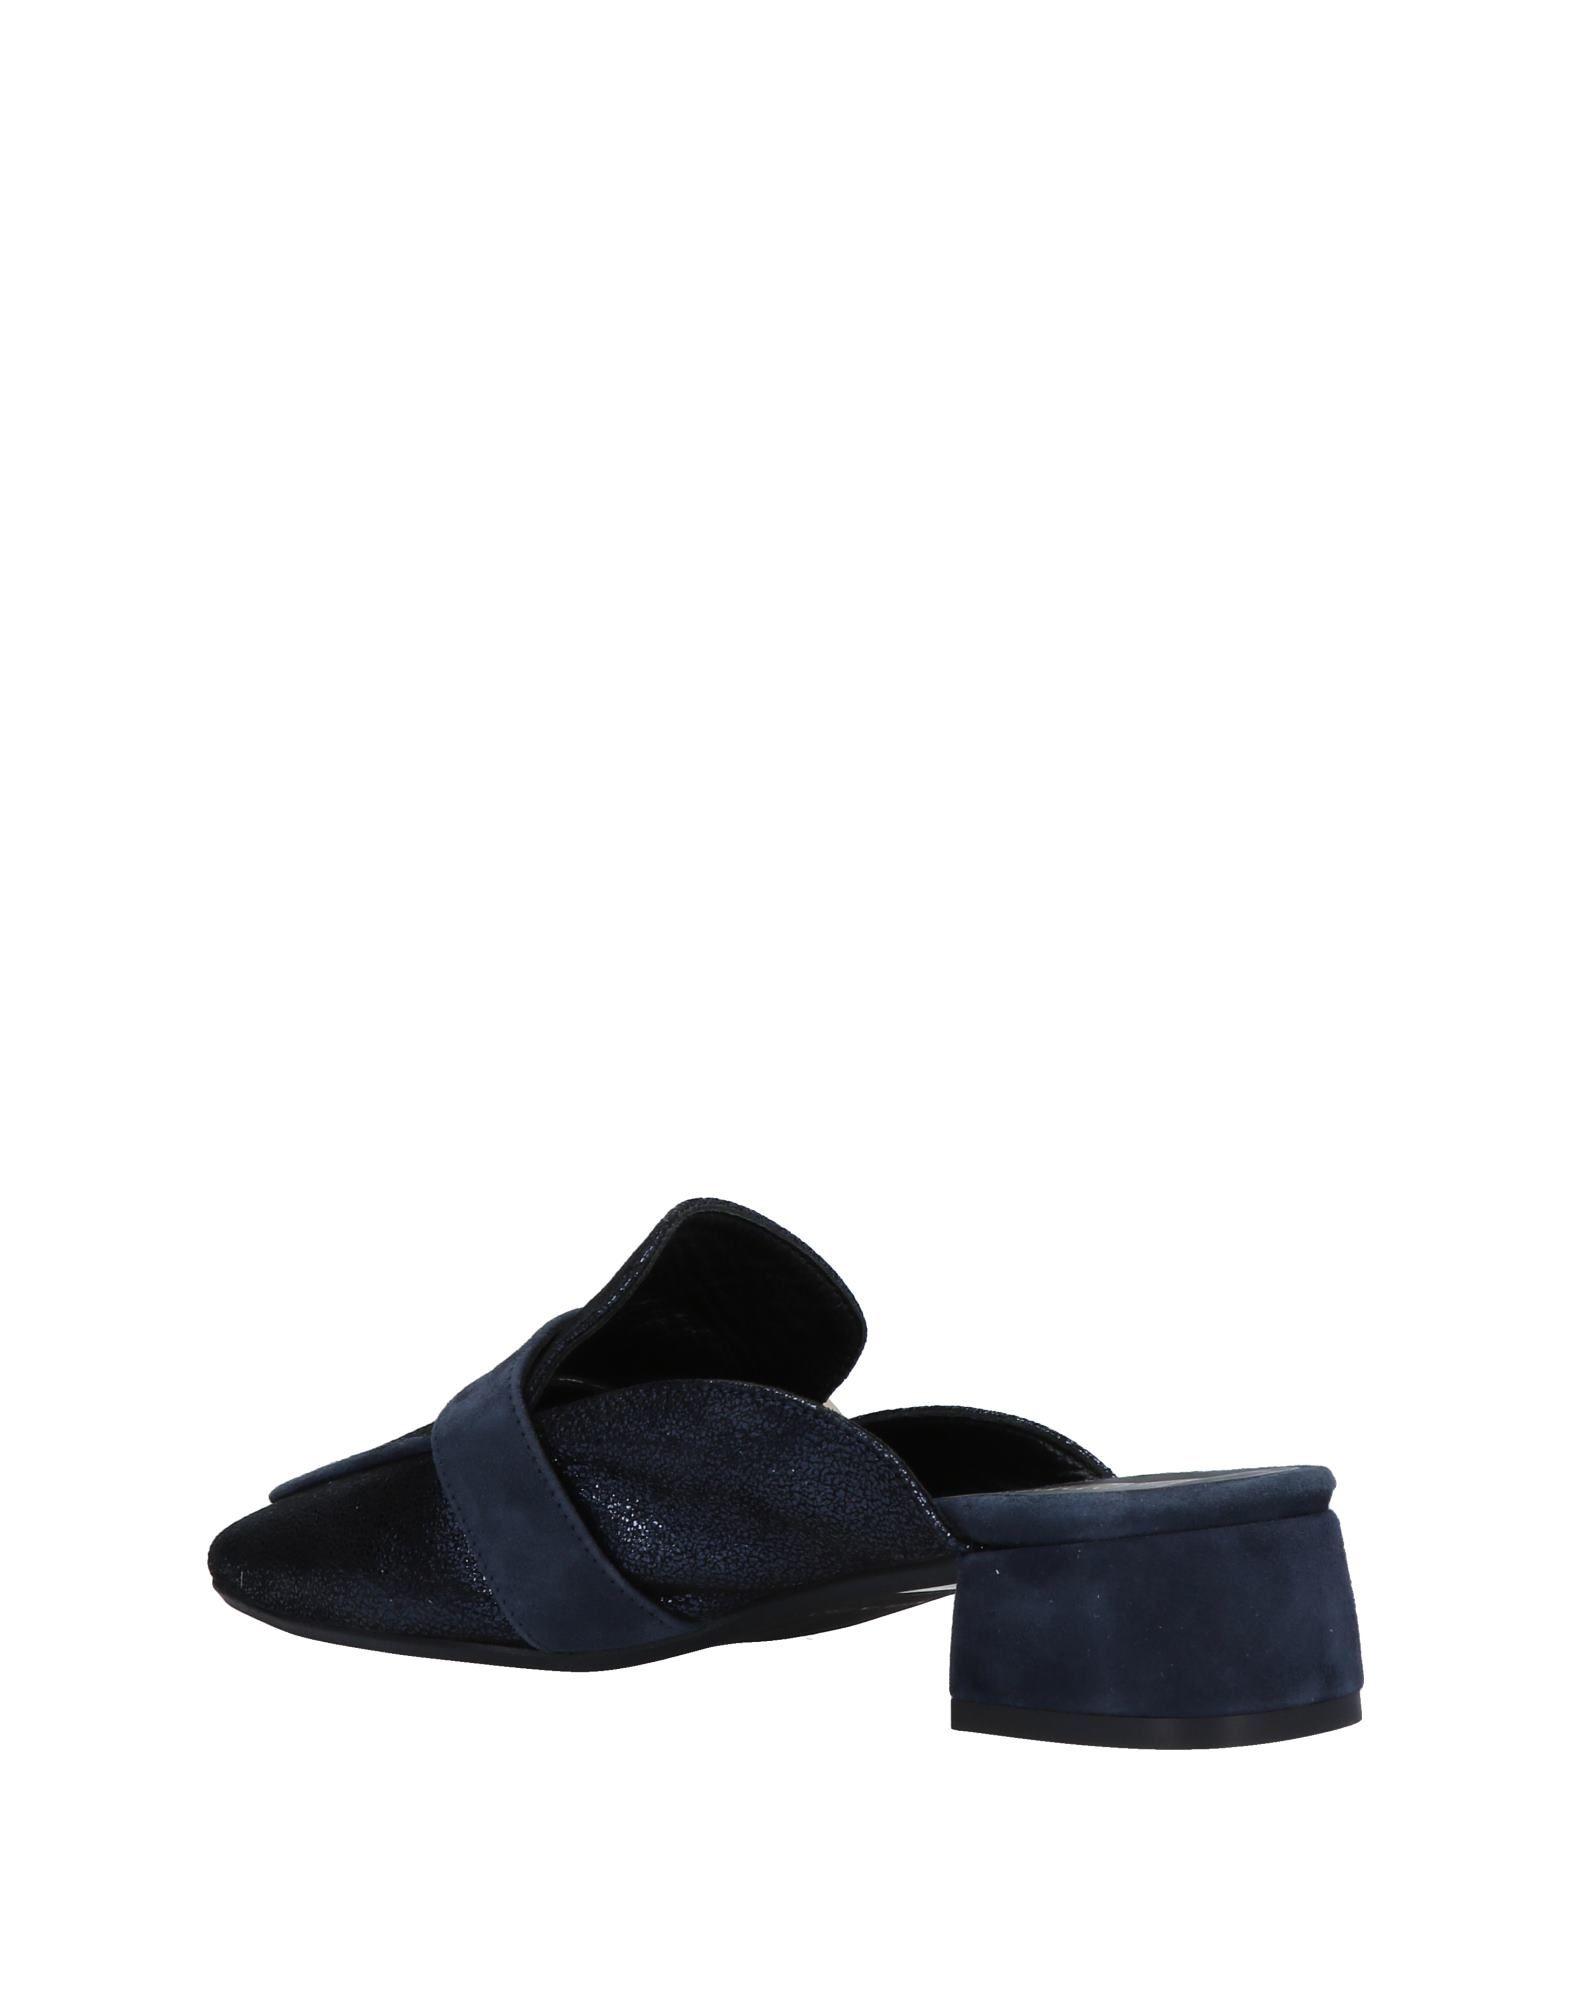 Clodette Pantoletten Damen  beliebte 11504795AO Gute Qualität beliebte  Schuhe 54d154